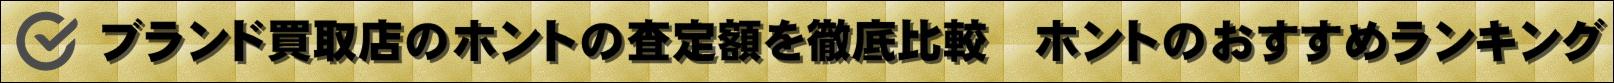 ブランド品買取リサイクル店68社のおすすめランキング&査定額比較!